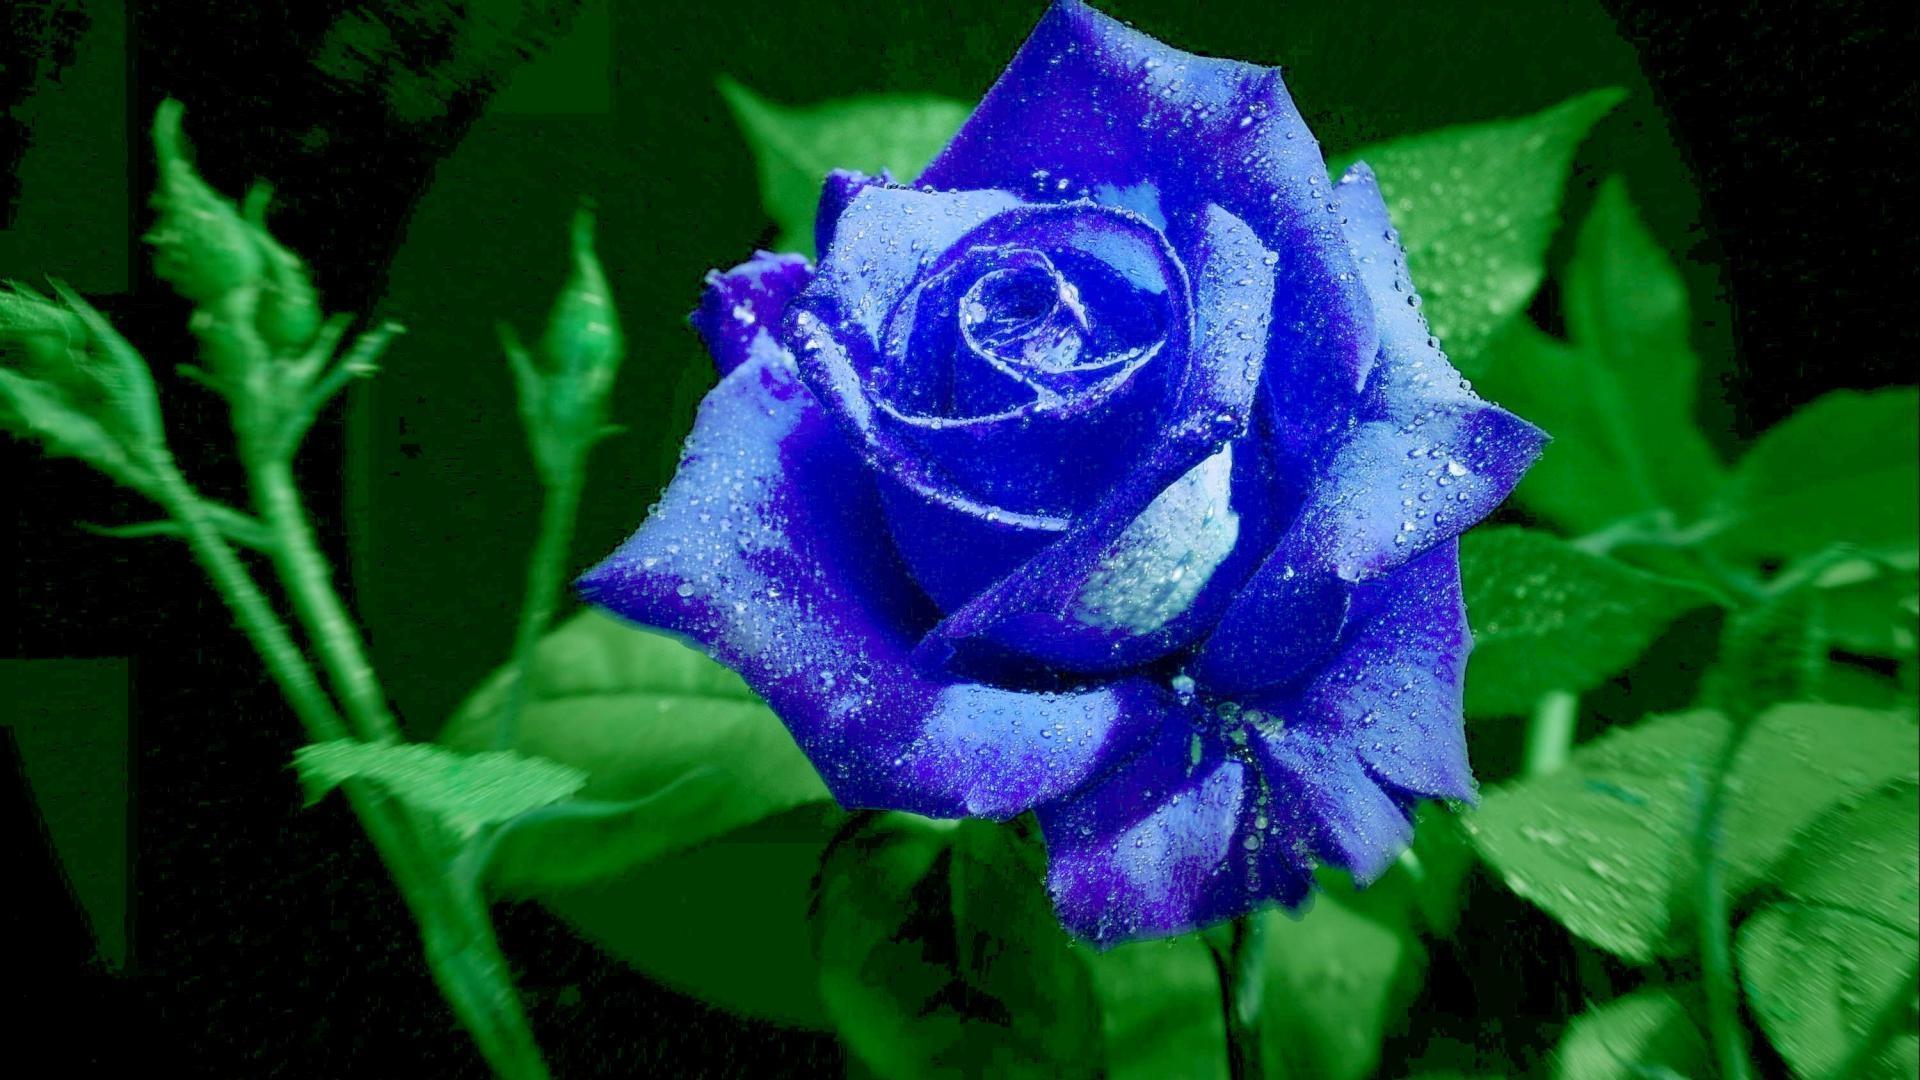 Blue rose wallpaper for desktop wallpapersafari - Rose desktop wallpaper hd ...